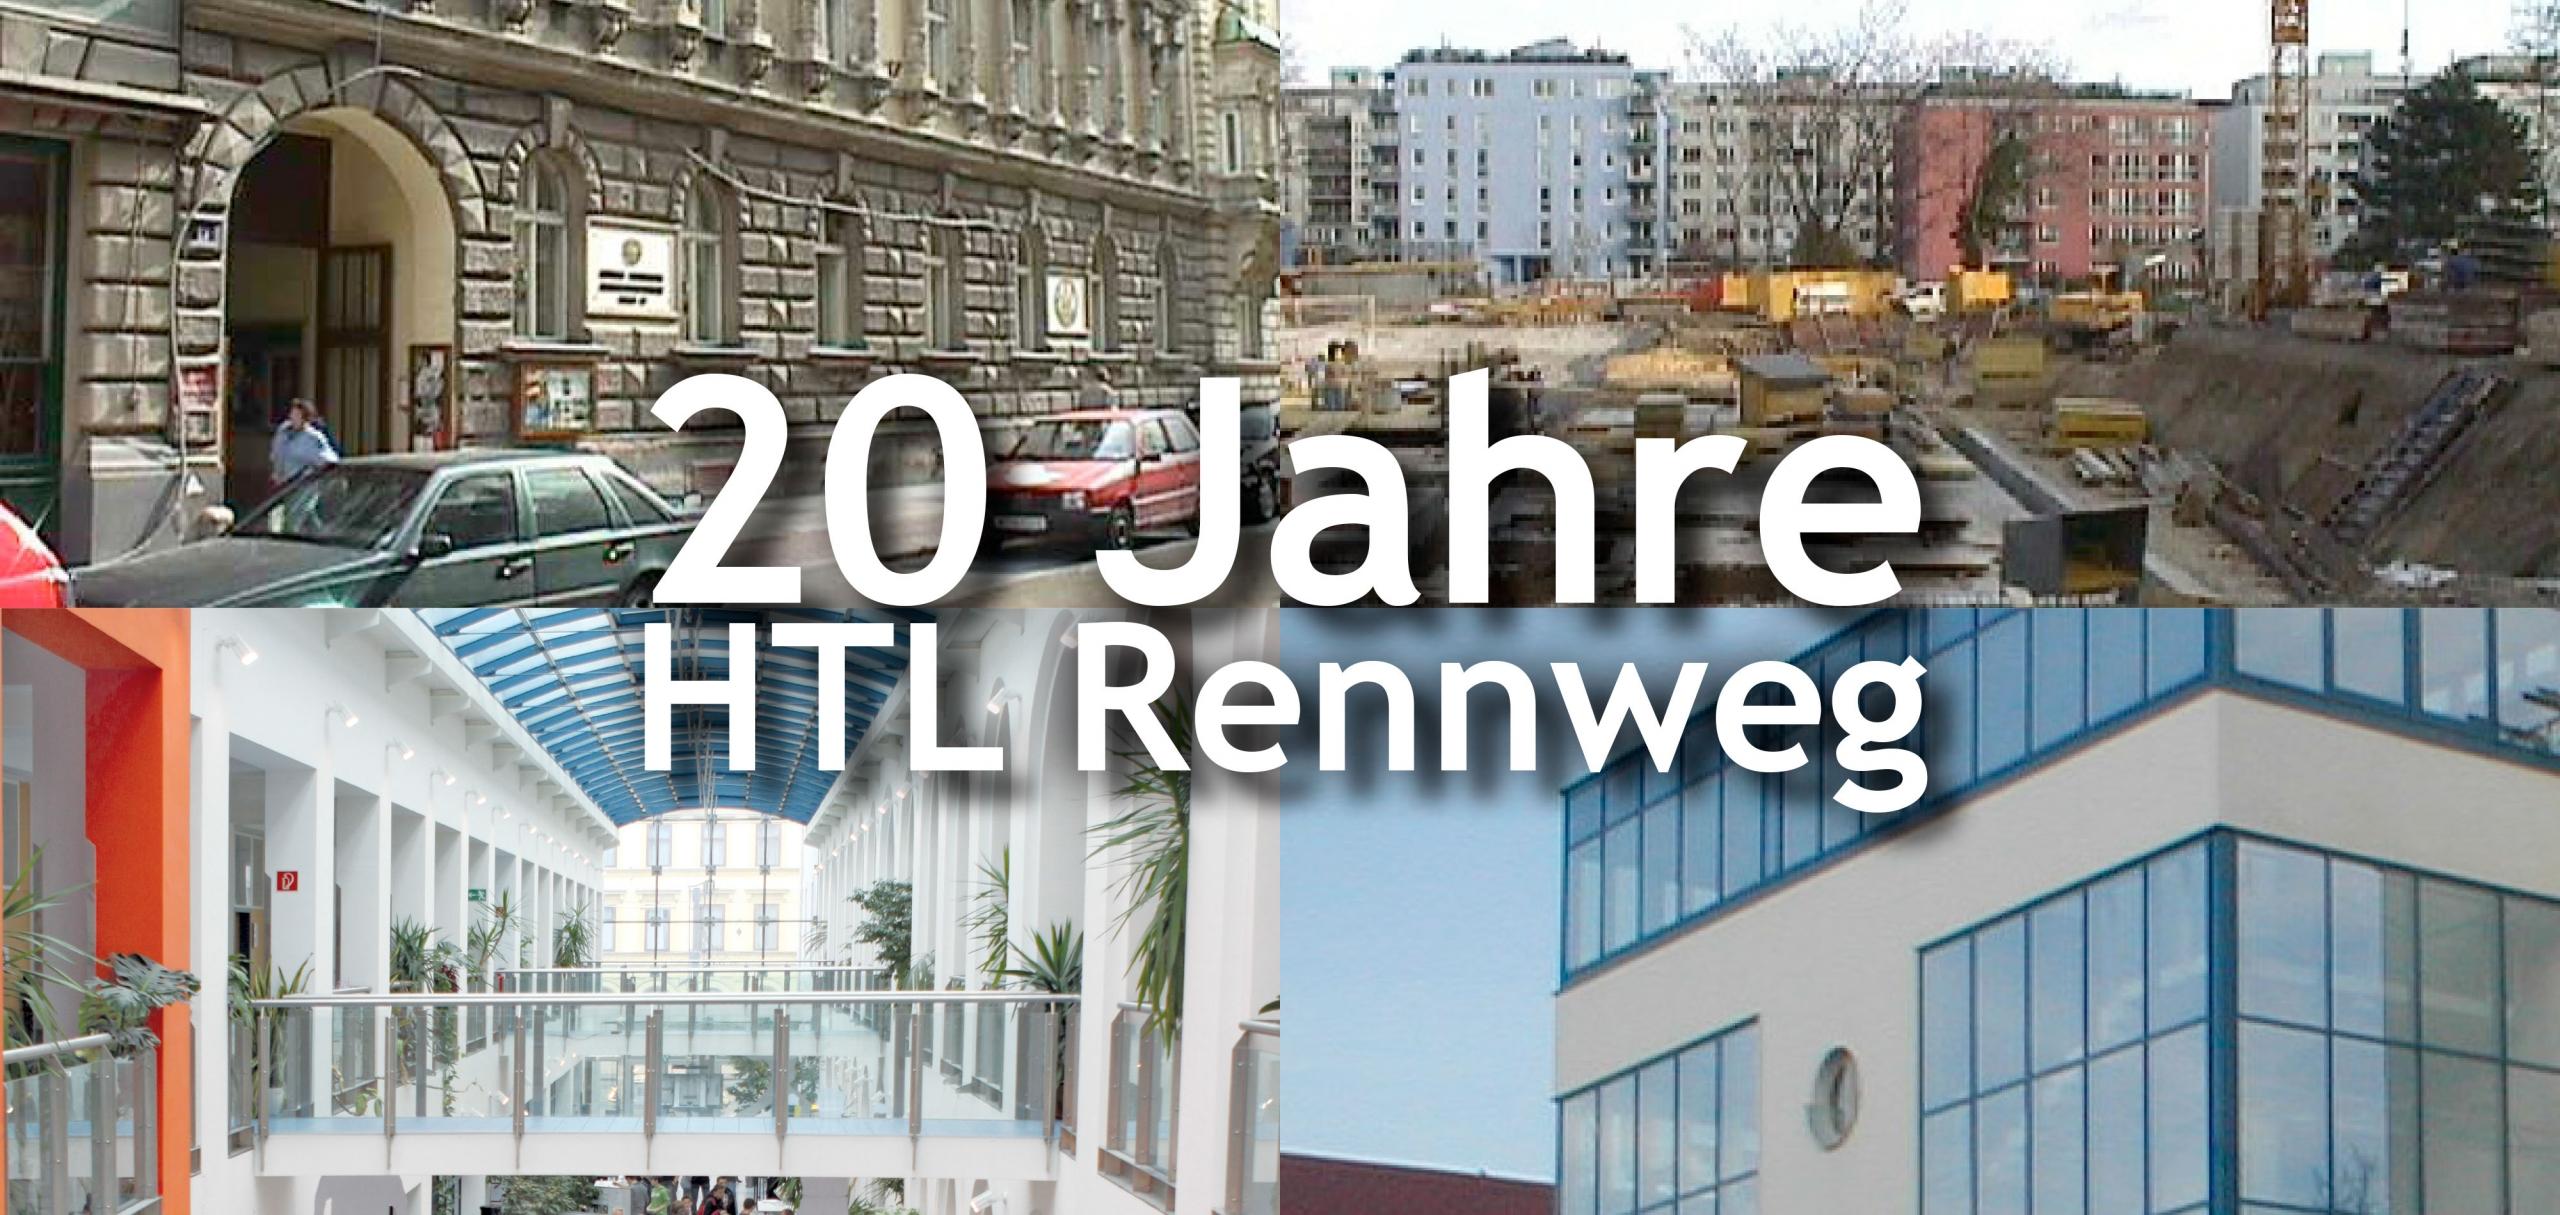 Sammlung von Fotos der HTL Rennweg